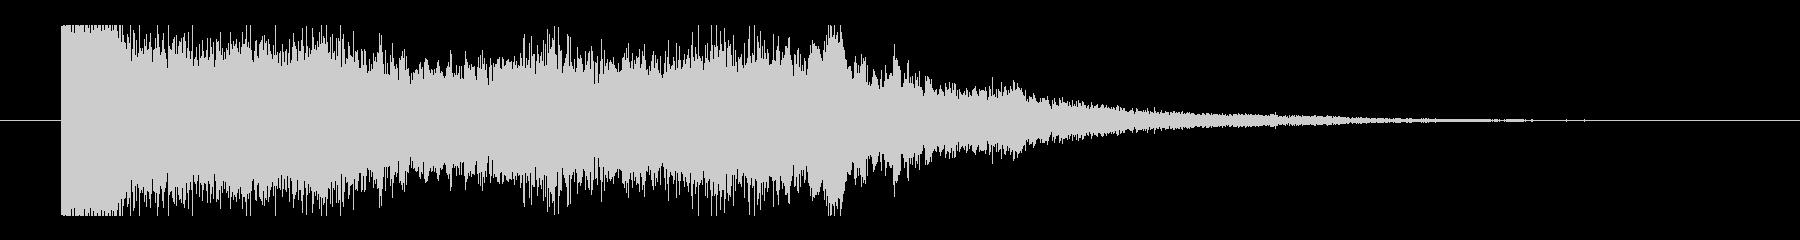 当たりの音(パチンコ、遊技場)_3の未再生の波形